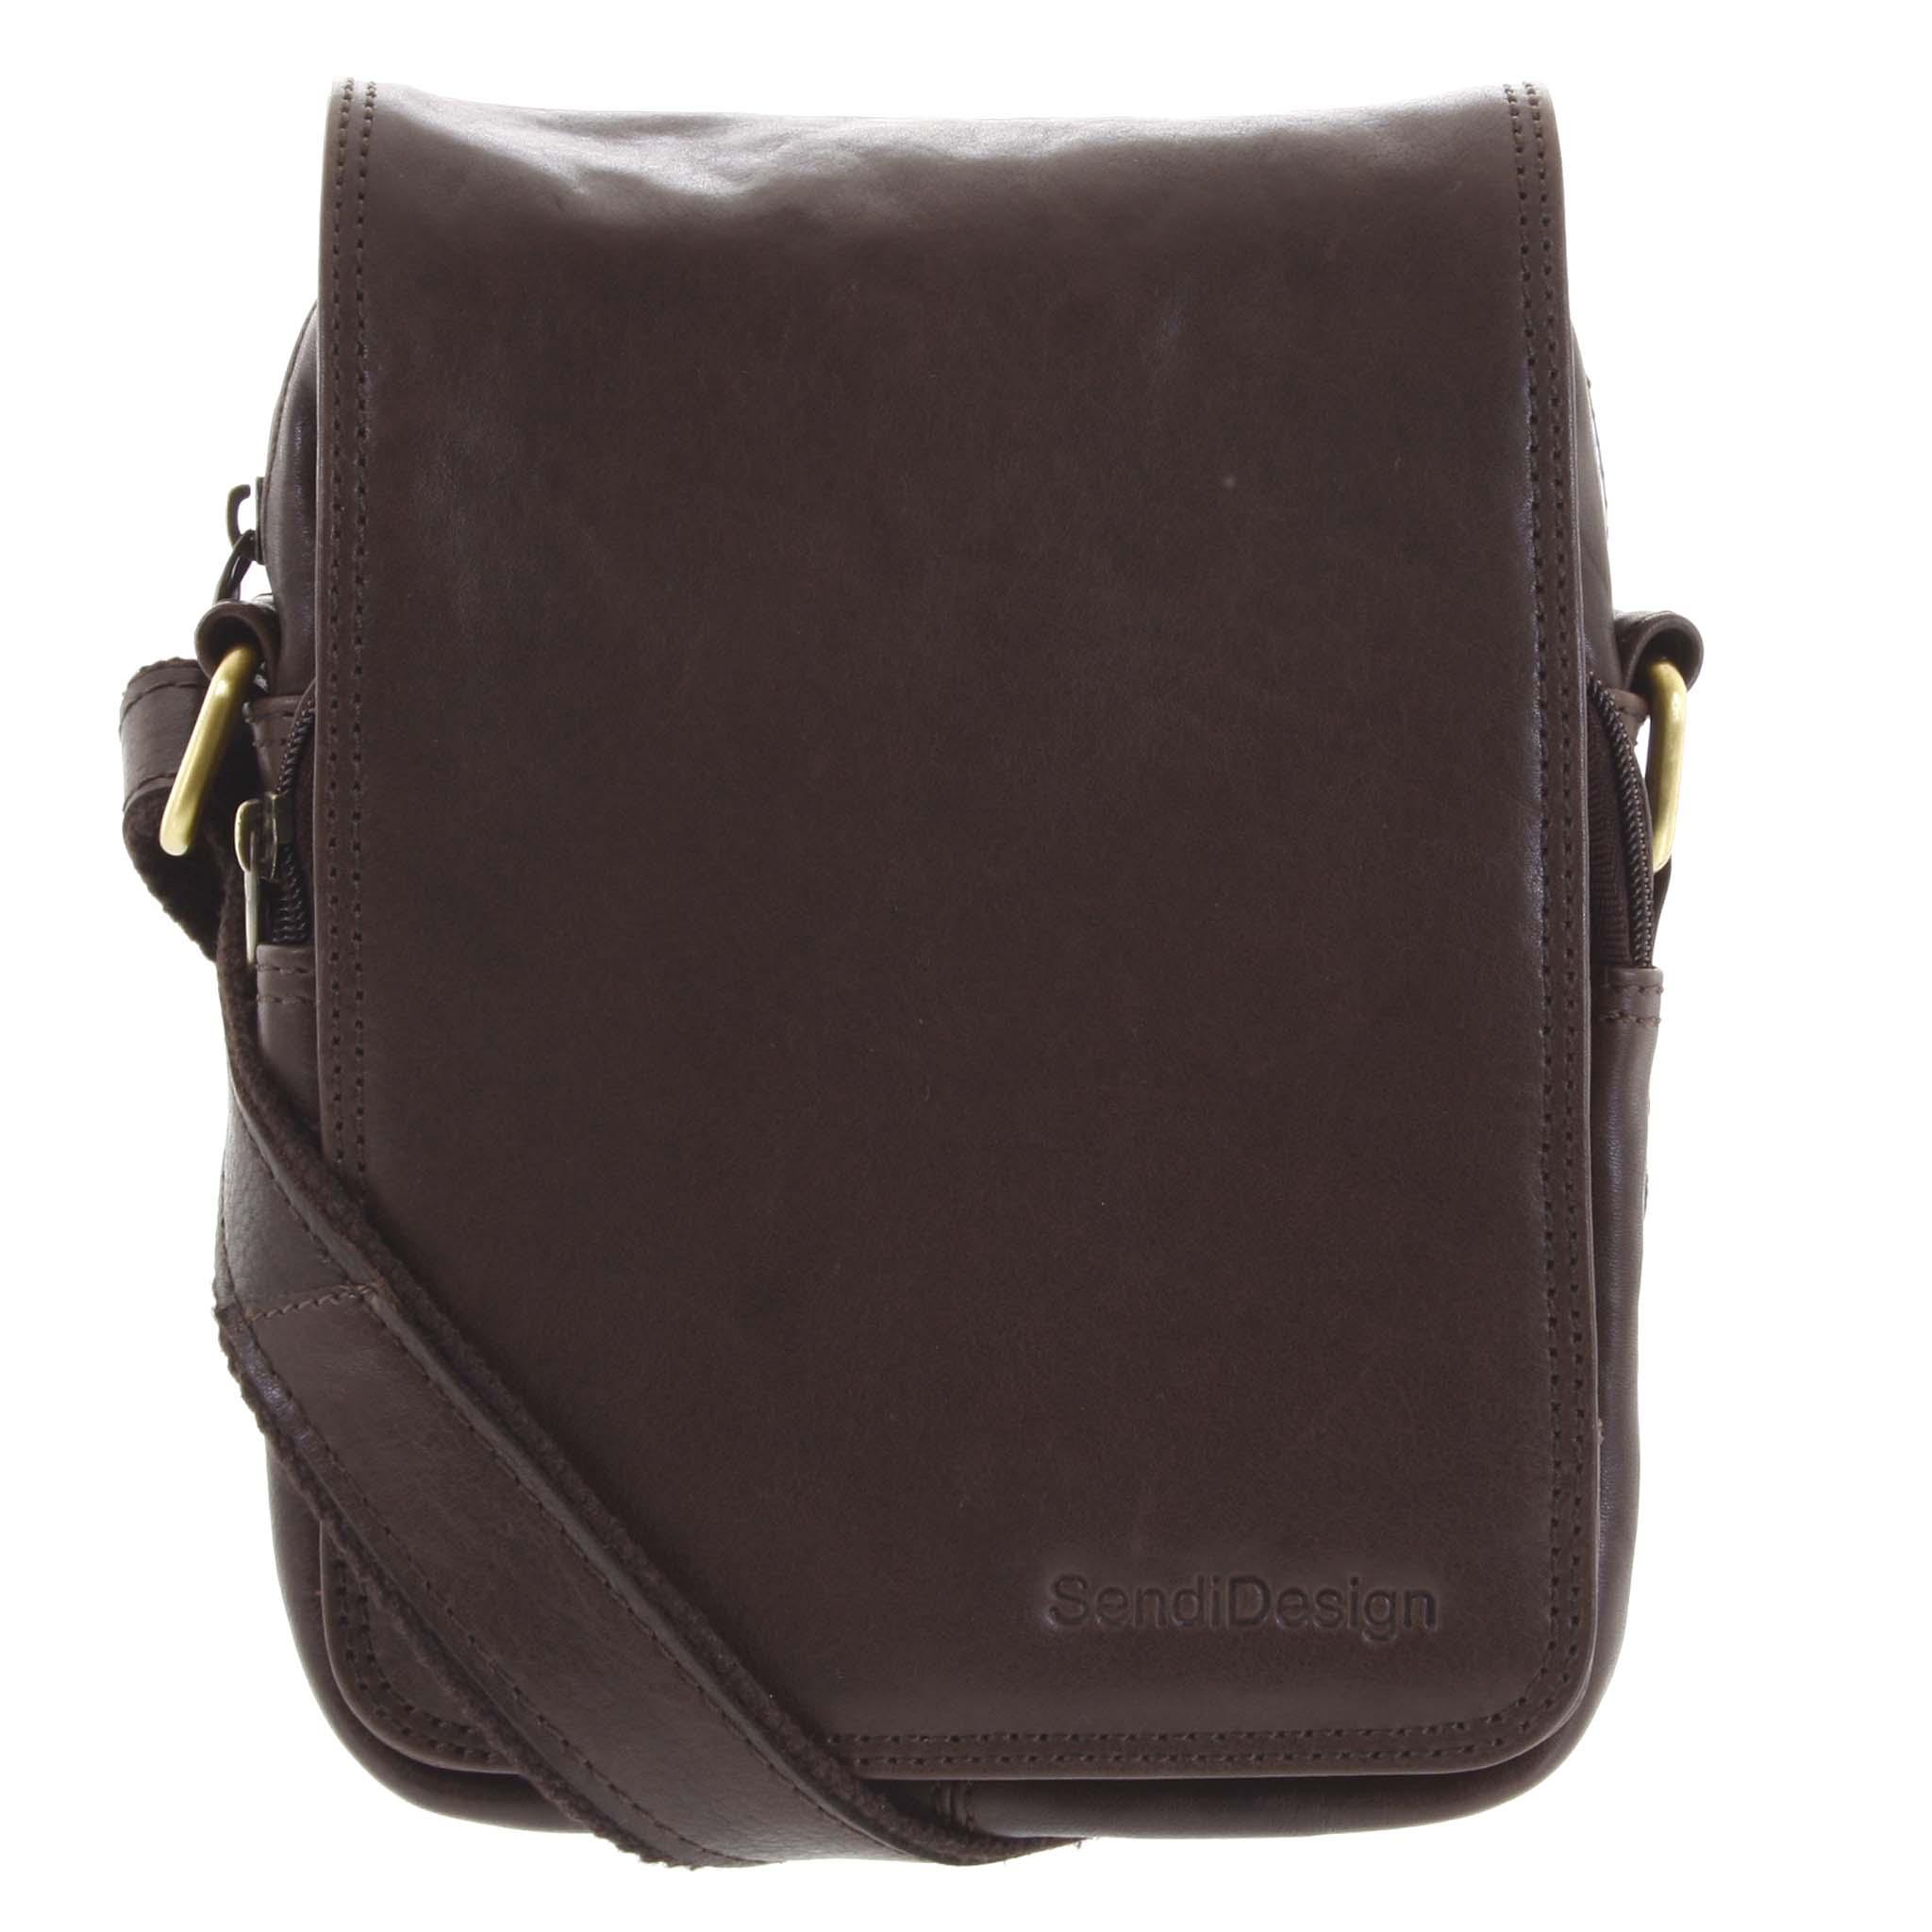 Pánska kožená taška cez rameno tmavo hnedá - SendiDesign Muxos hnedá